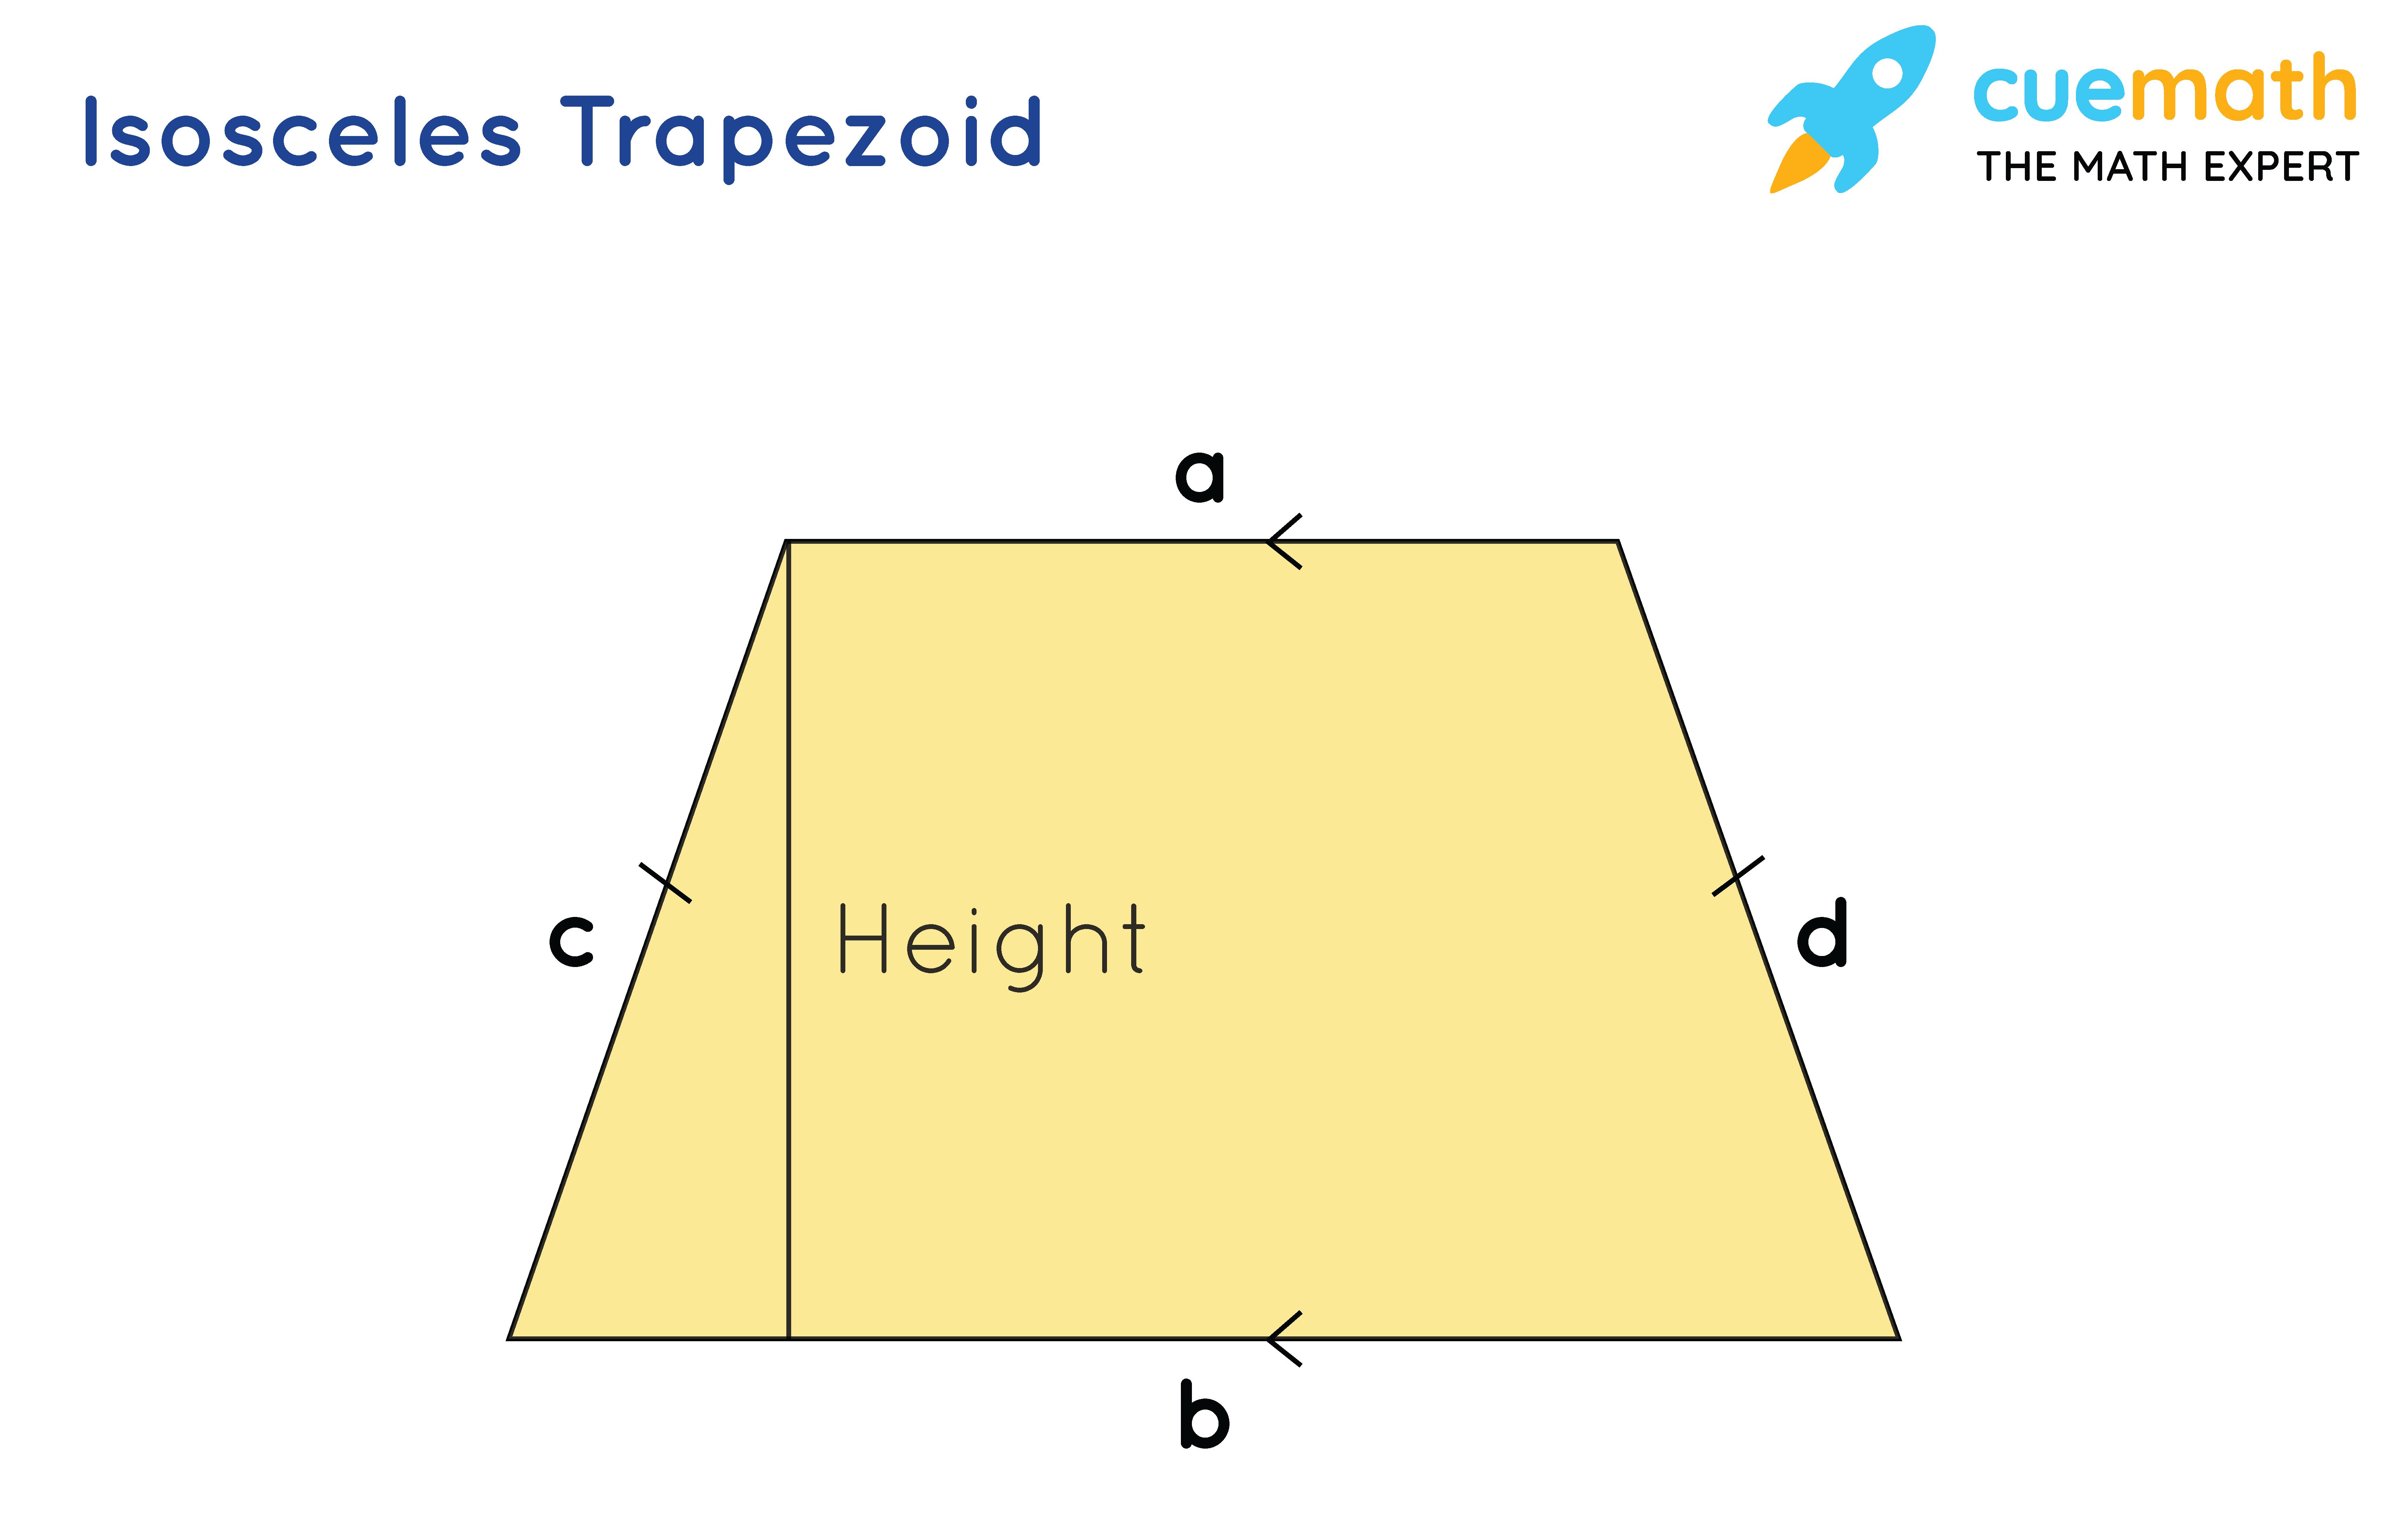 Isosceles Trapezoid ABCD